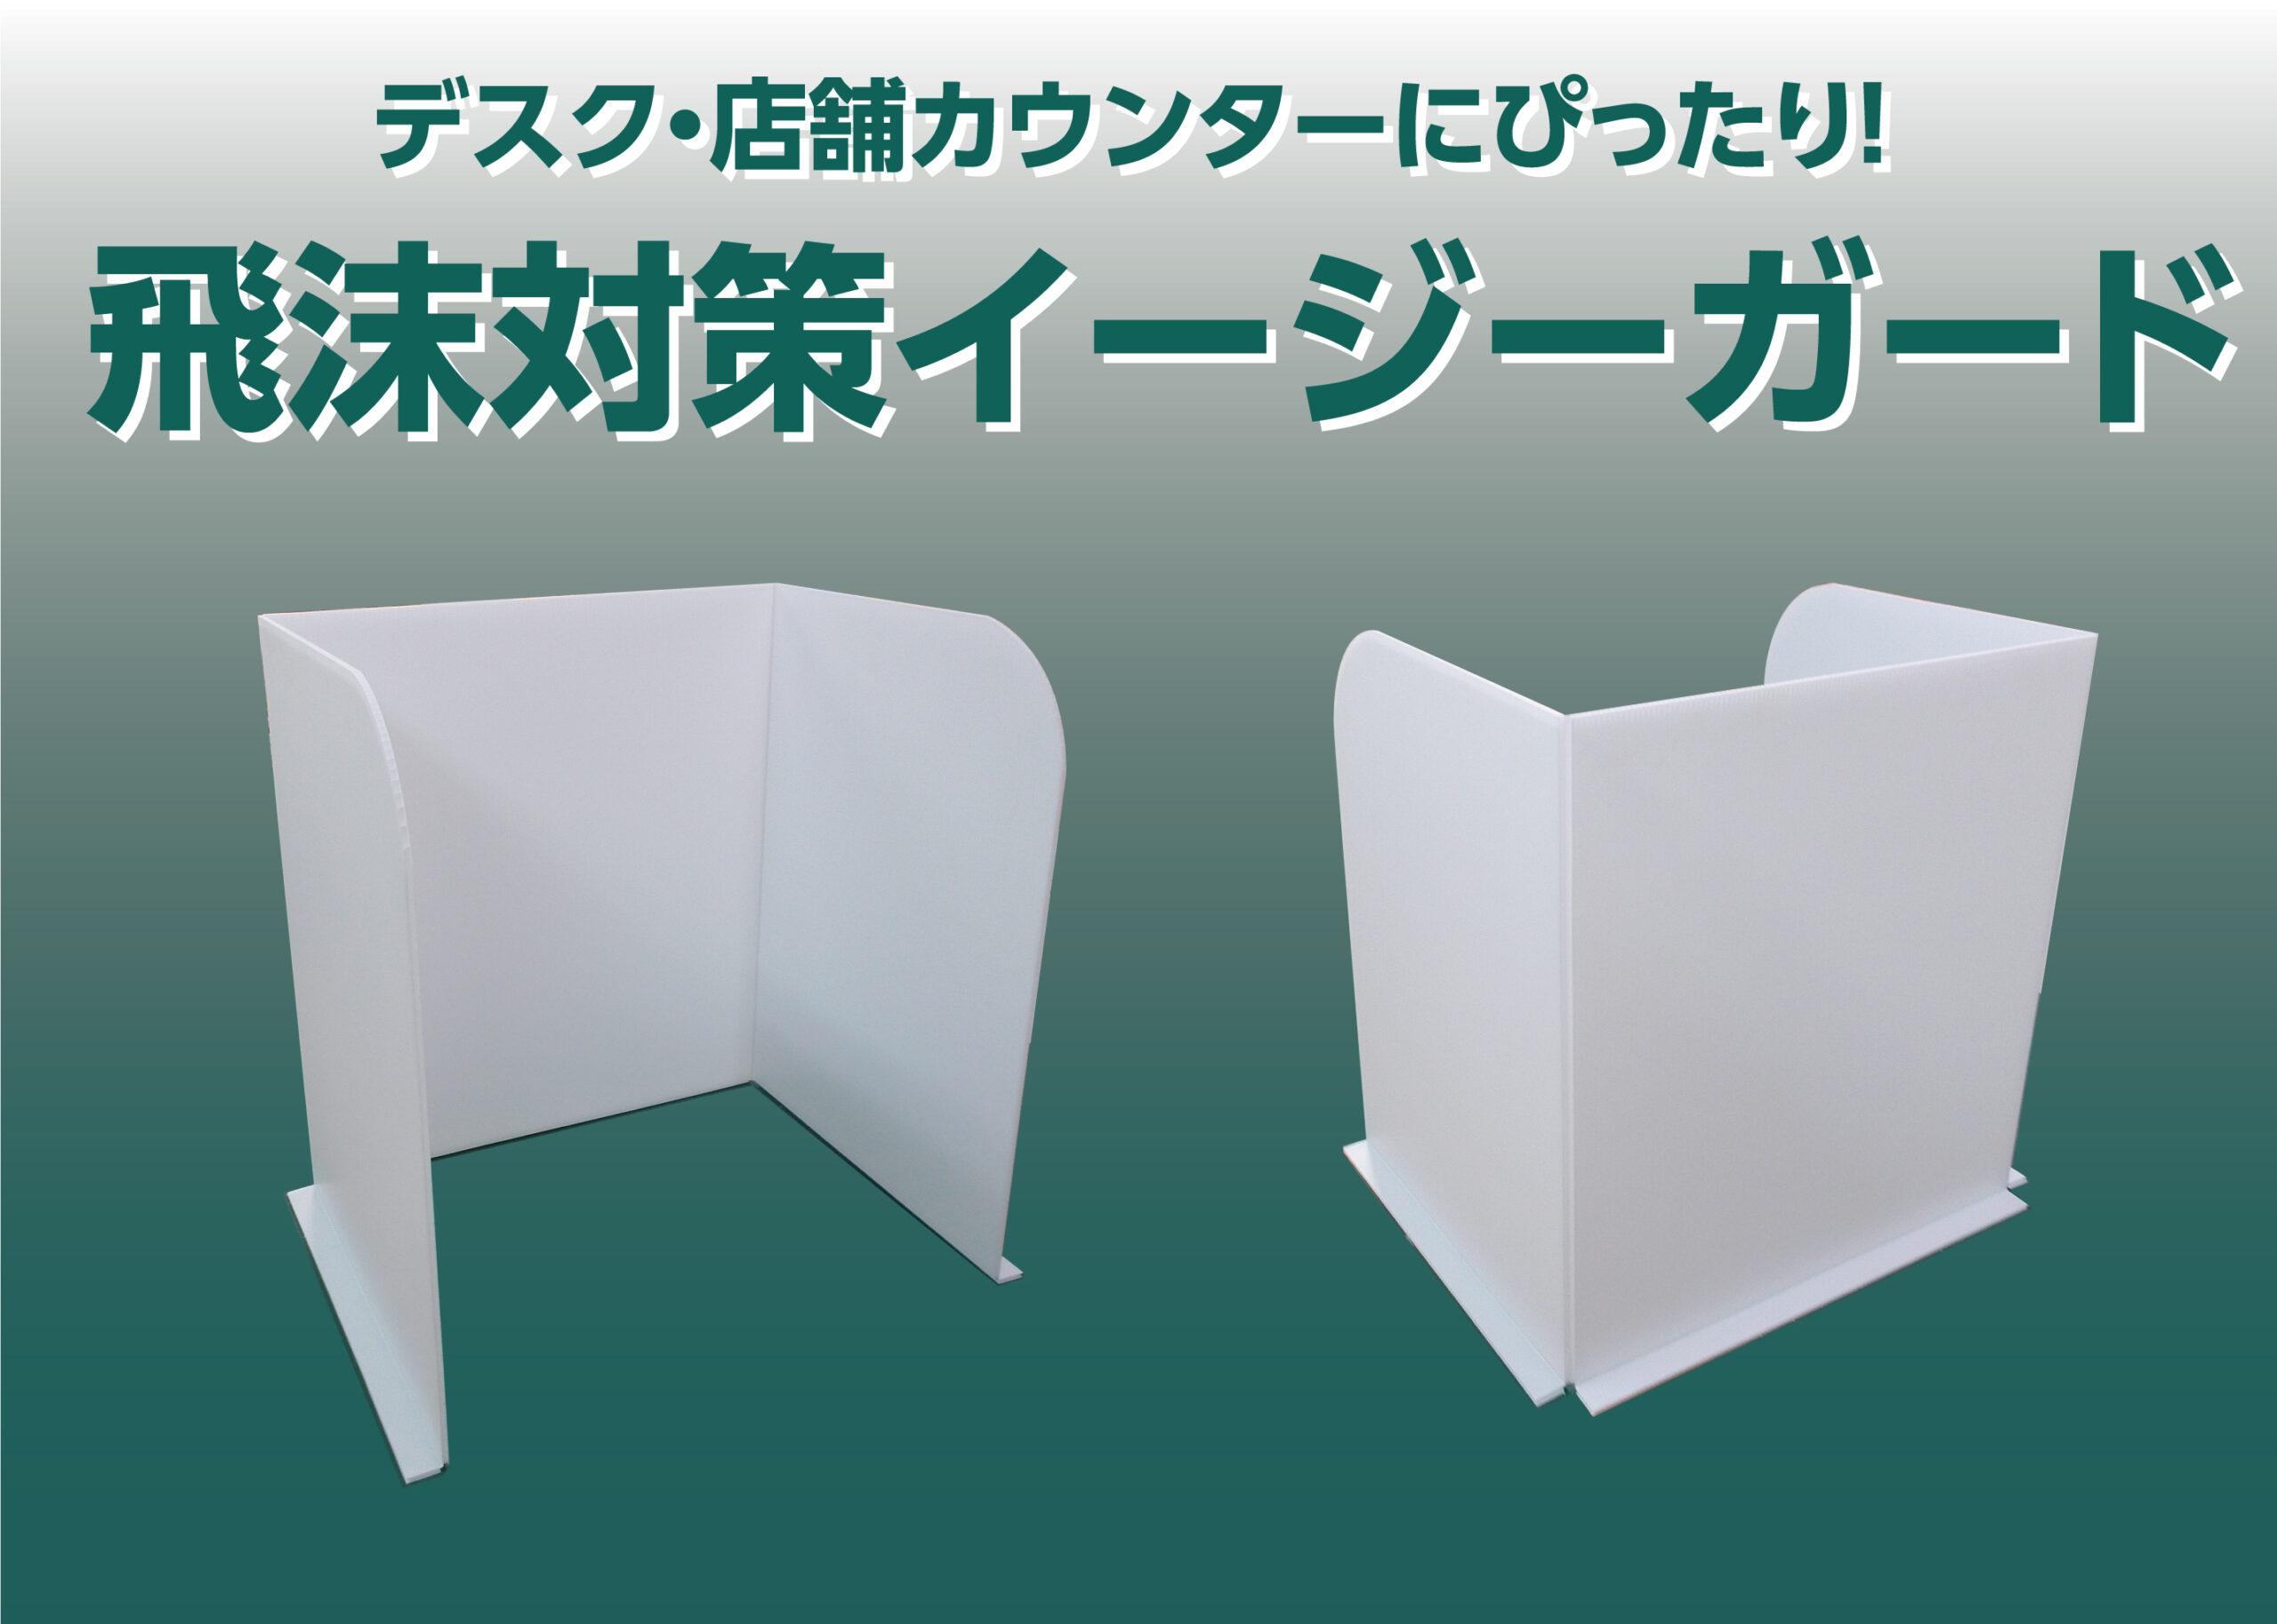 デスク・カウンター用飛沫ガード